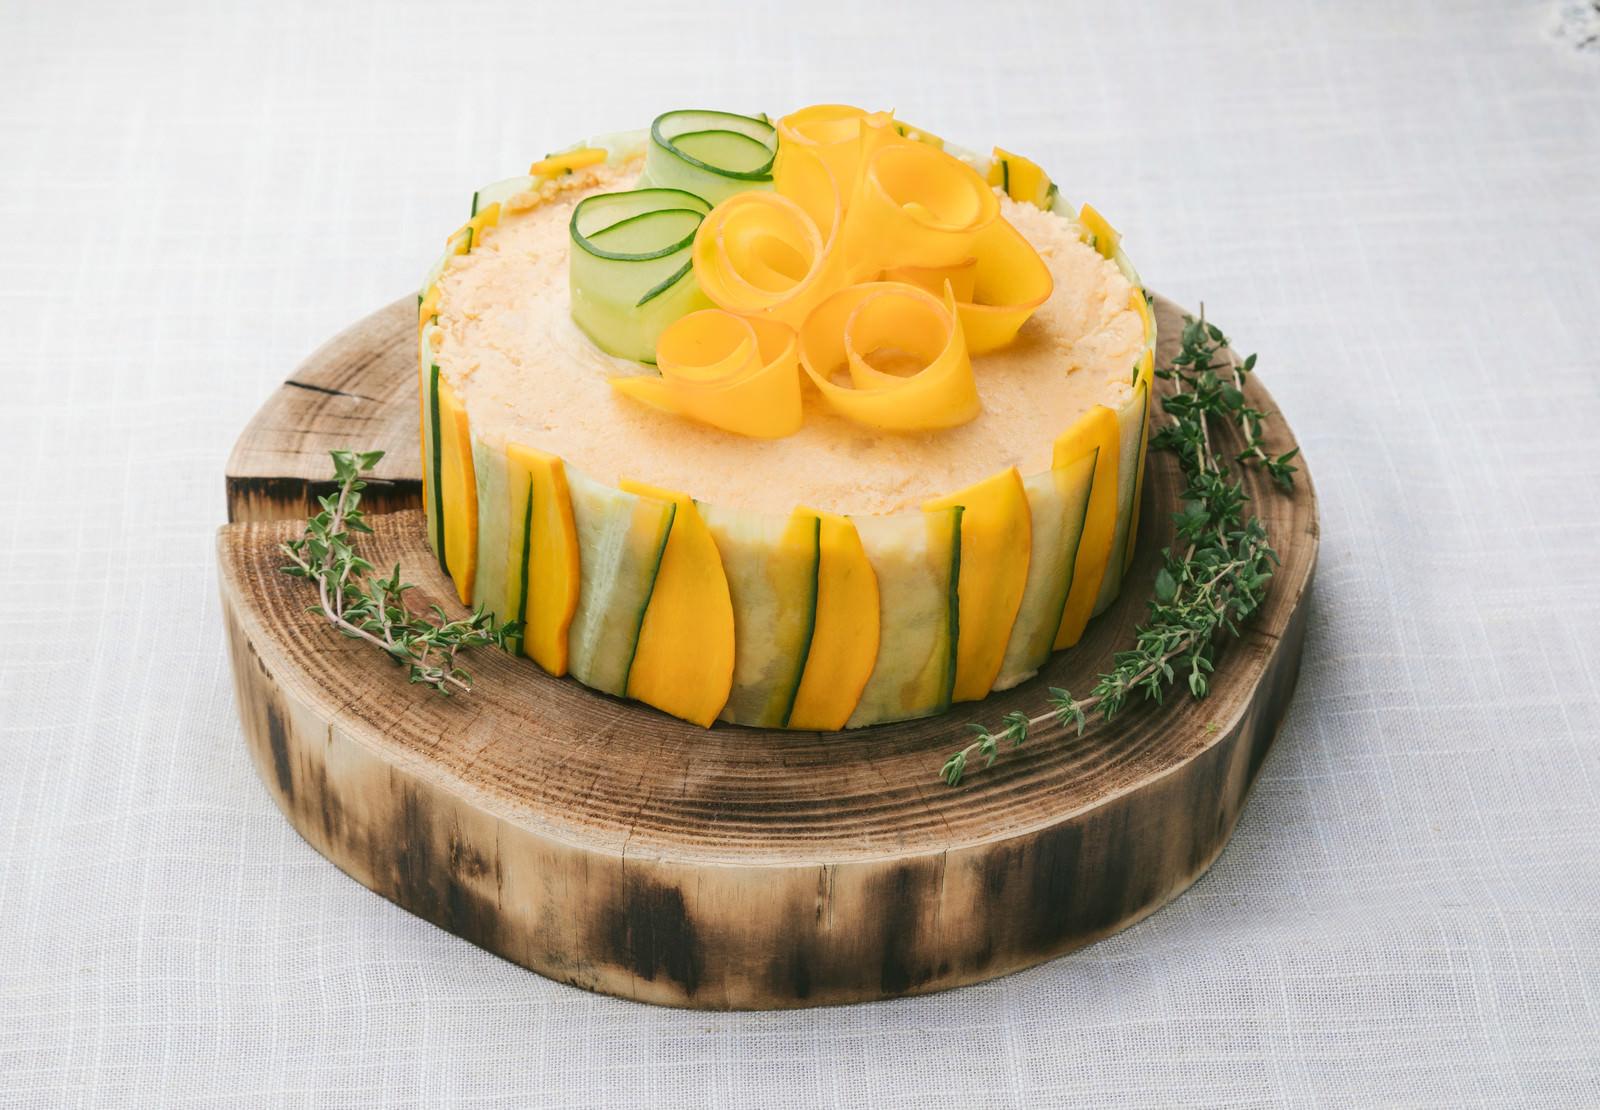 「低糖質な野菜ケーキ「ベジデコサンドケーキ」」の写真